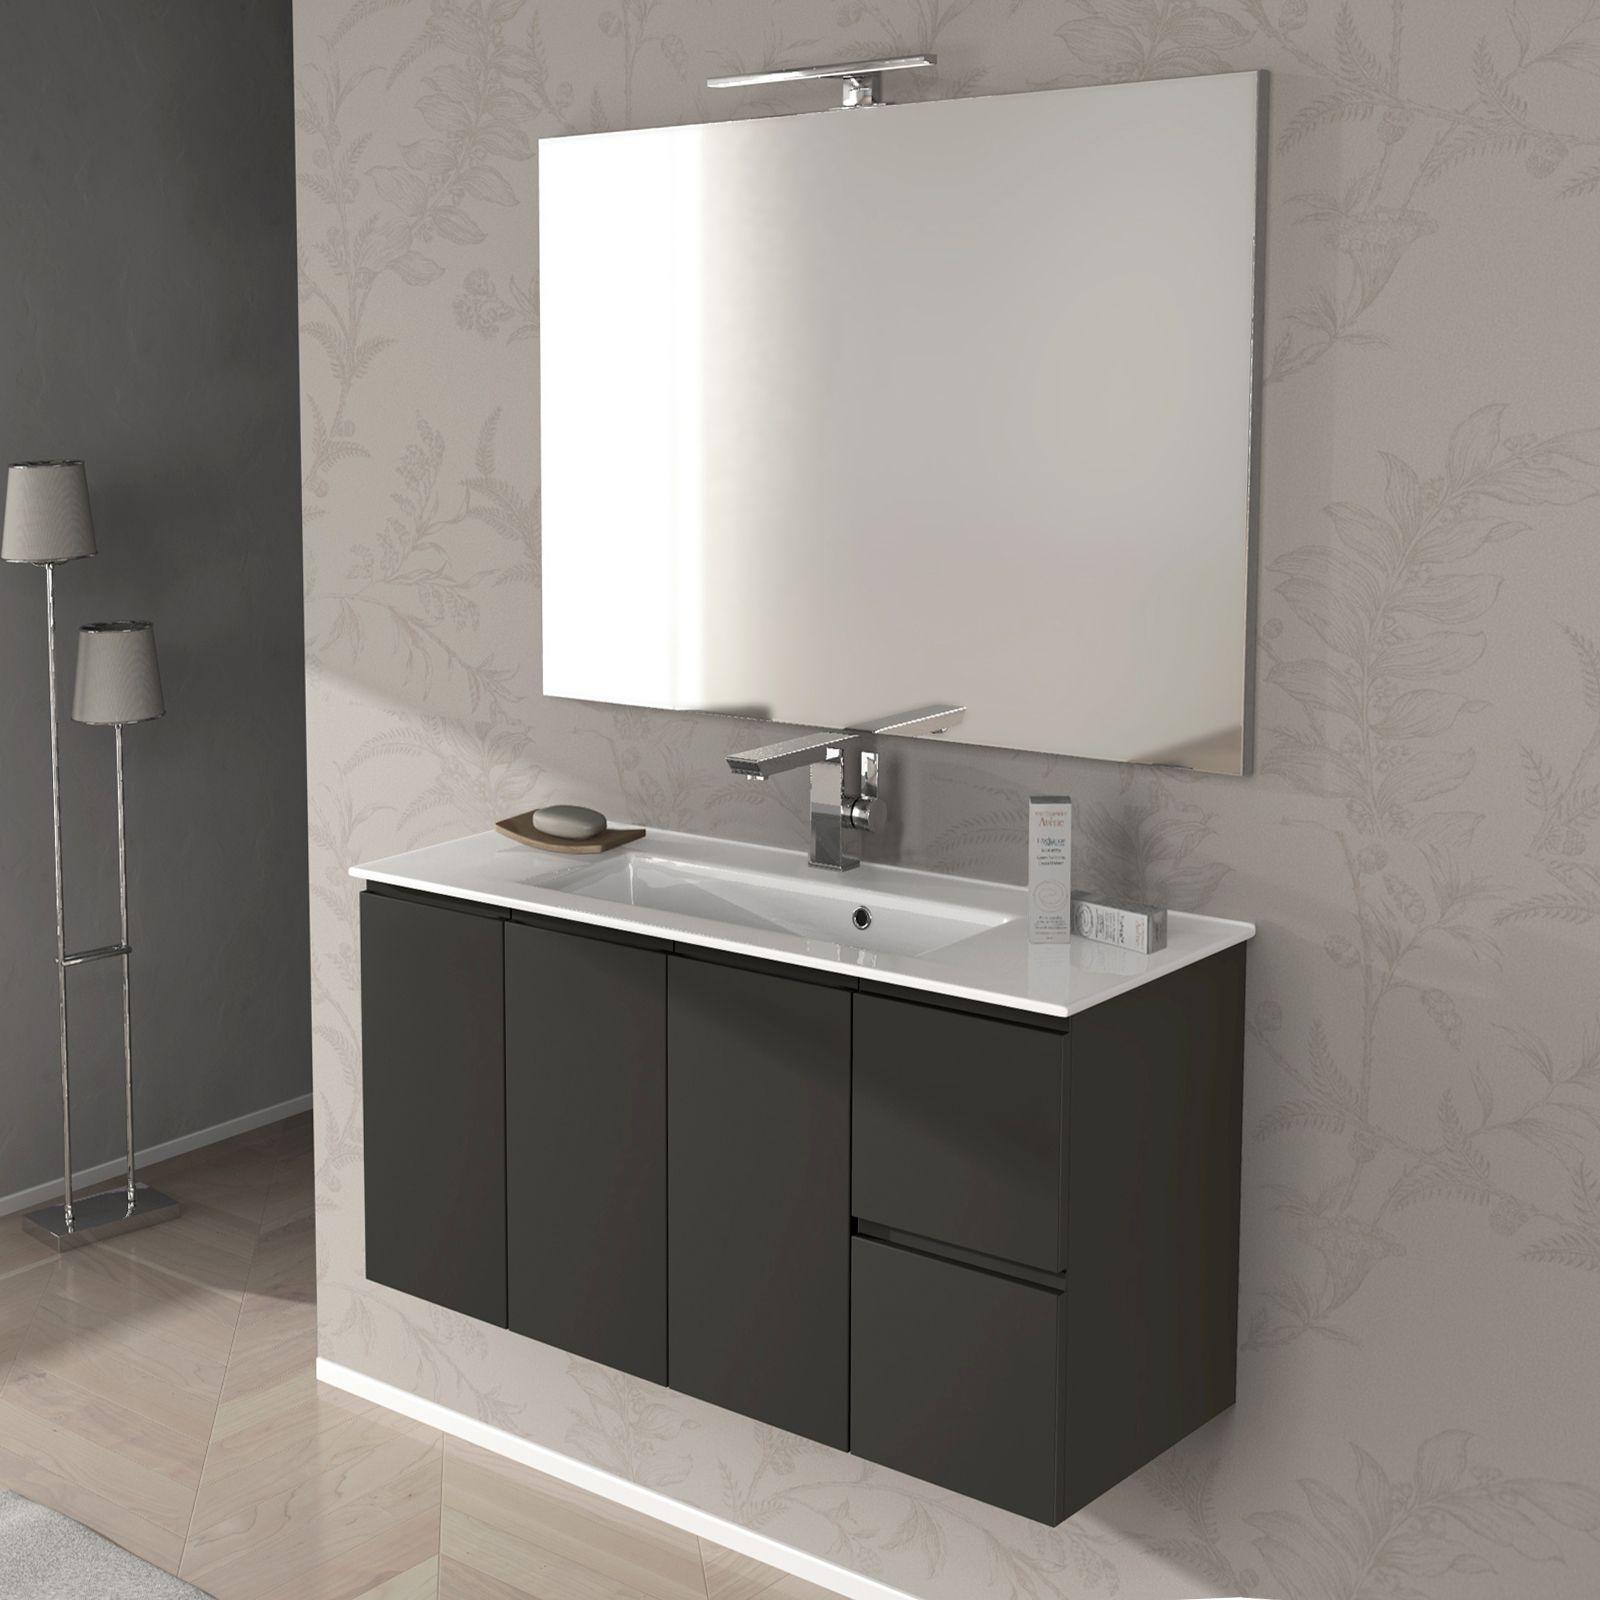 Mobile bagno giulia cm 100 bianco lucido e grigio talpa - Mobile bagno prezzo ...